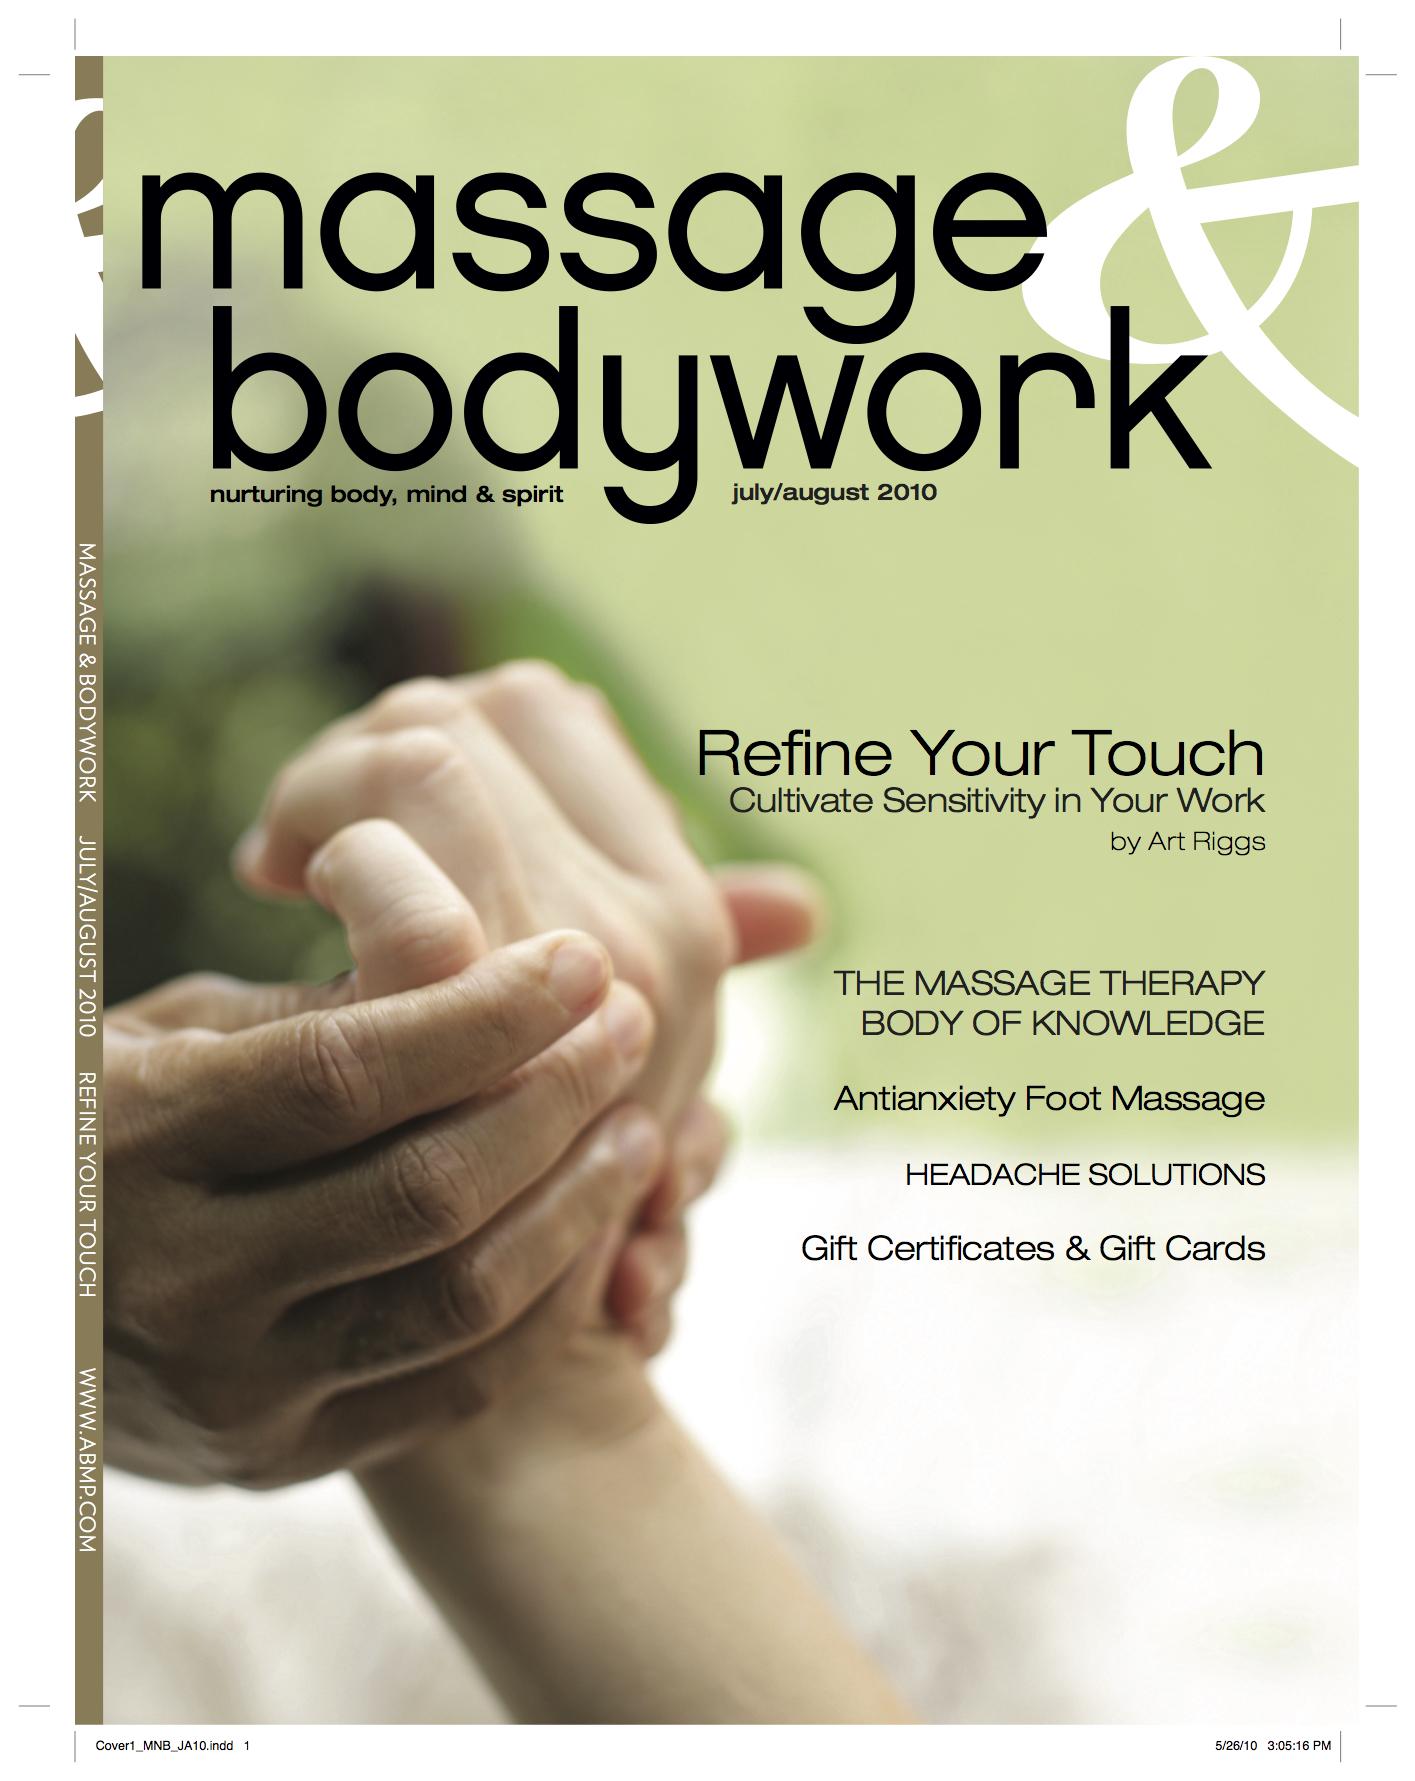 Massage & Bodywork - July / August 2010